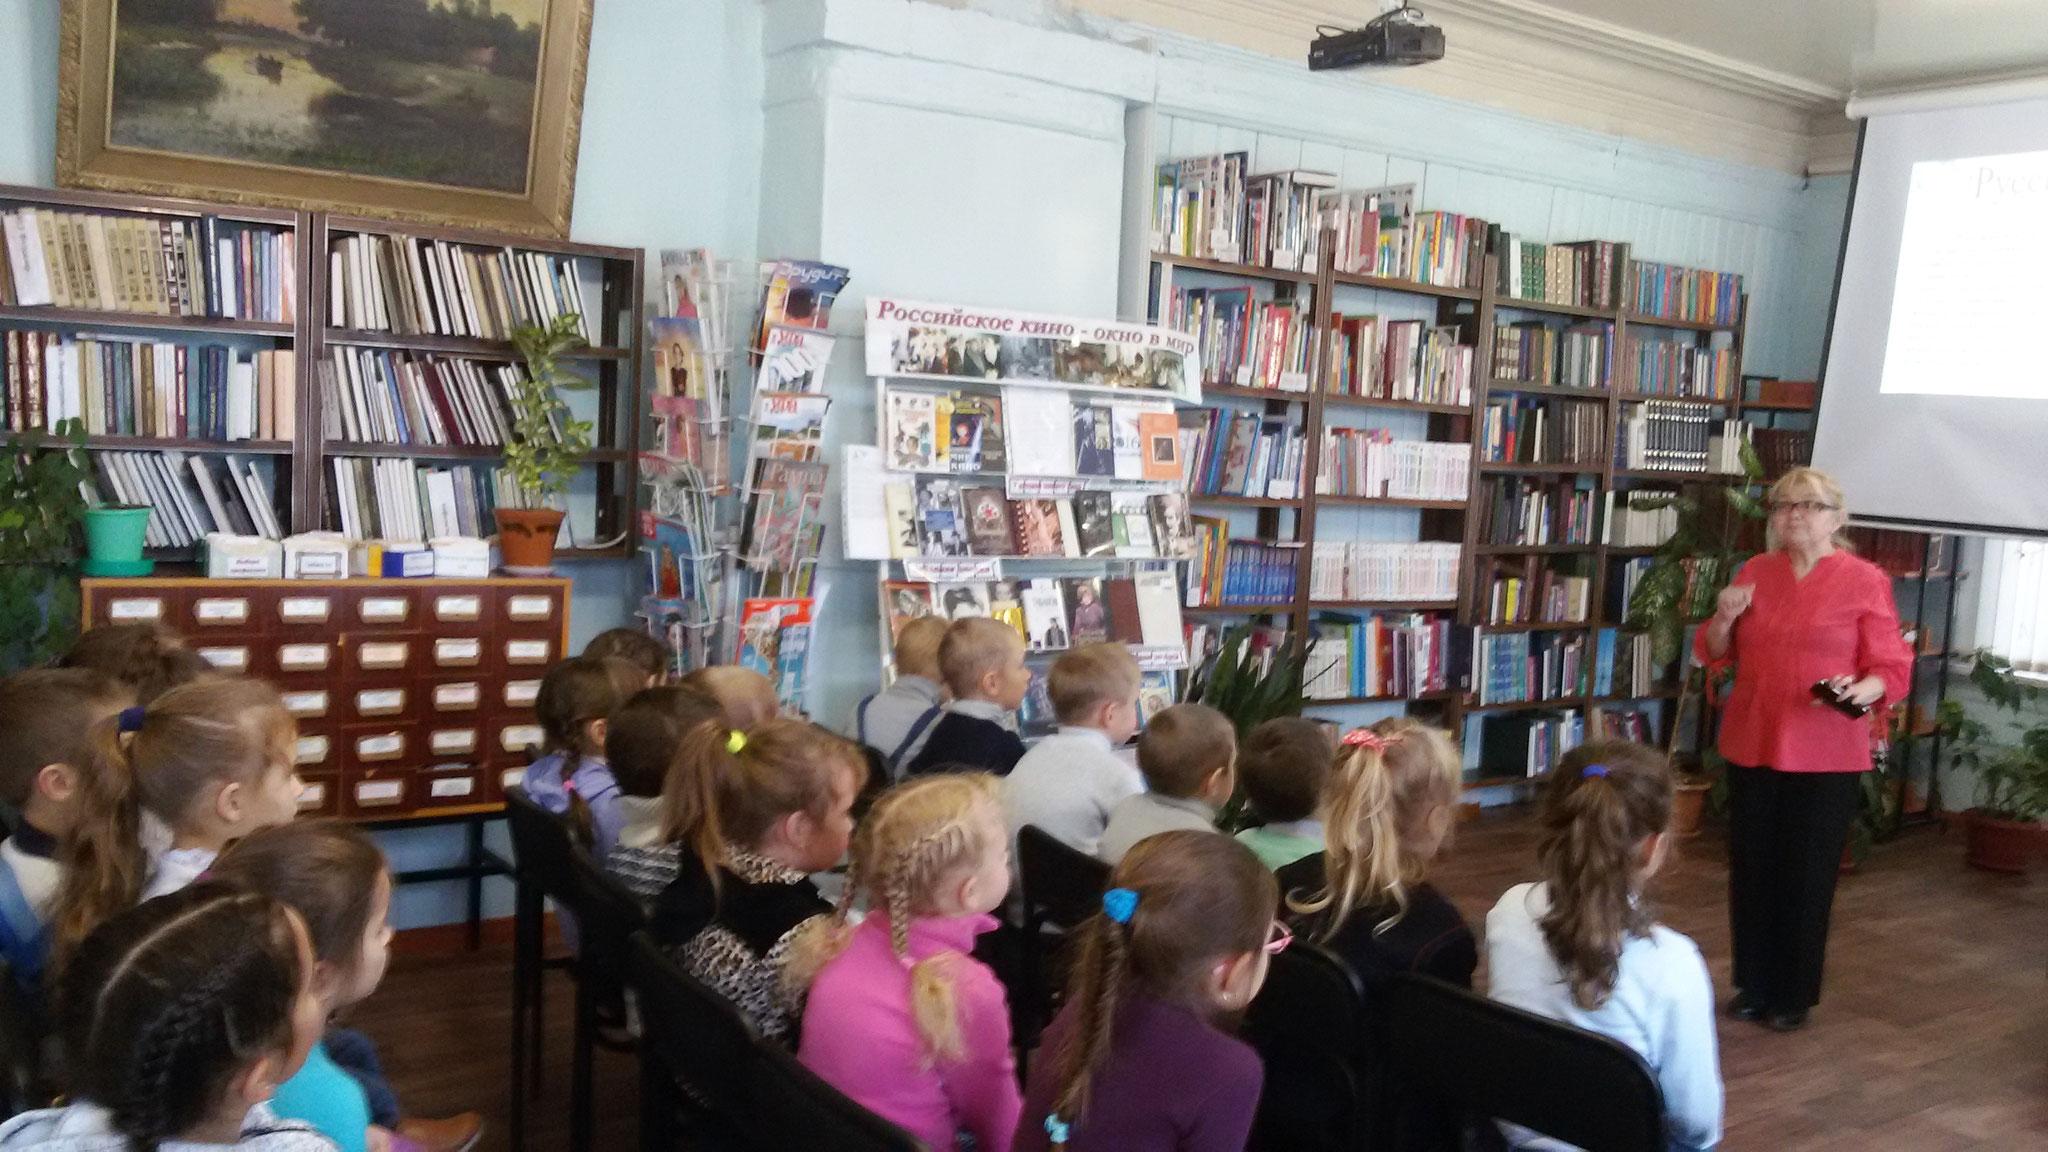 #РБ#Благовещенск#библиотека#книги#читаем#октябрь#Волшебство_куклы#Благсити#Благзавод#читатели#Межпоселенческая_библиотека#